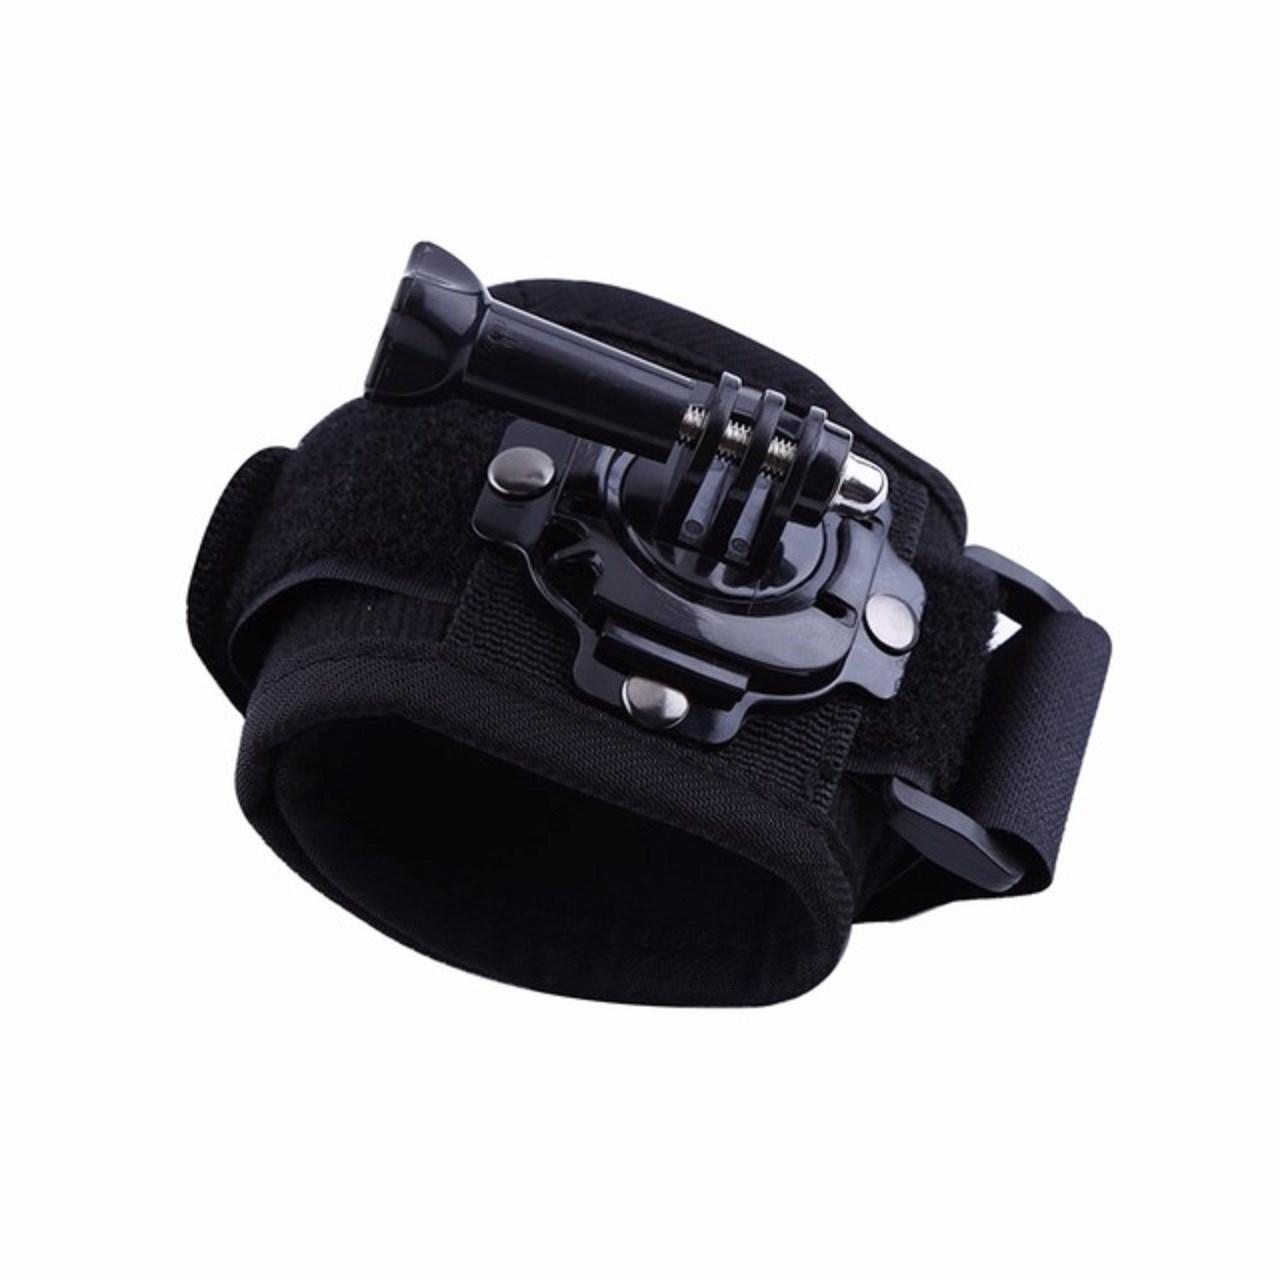 بررسی و {خرید با تخفیف}                                     پایه نگهدارنده مچی مدل GP128 مناسب برای دوربین های ورزشی                             اصل